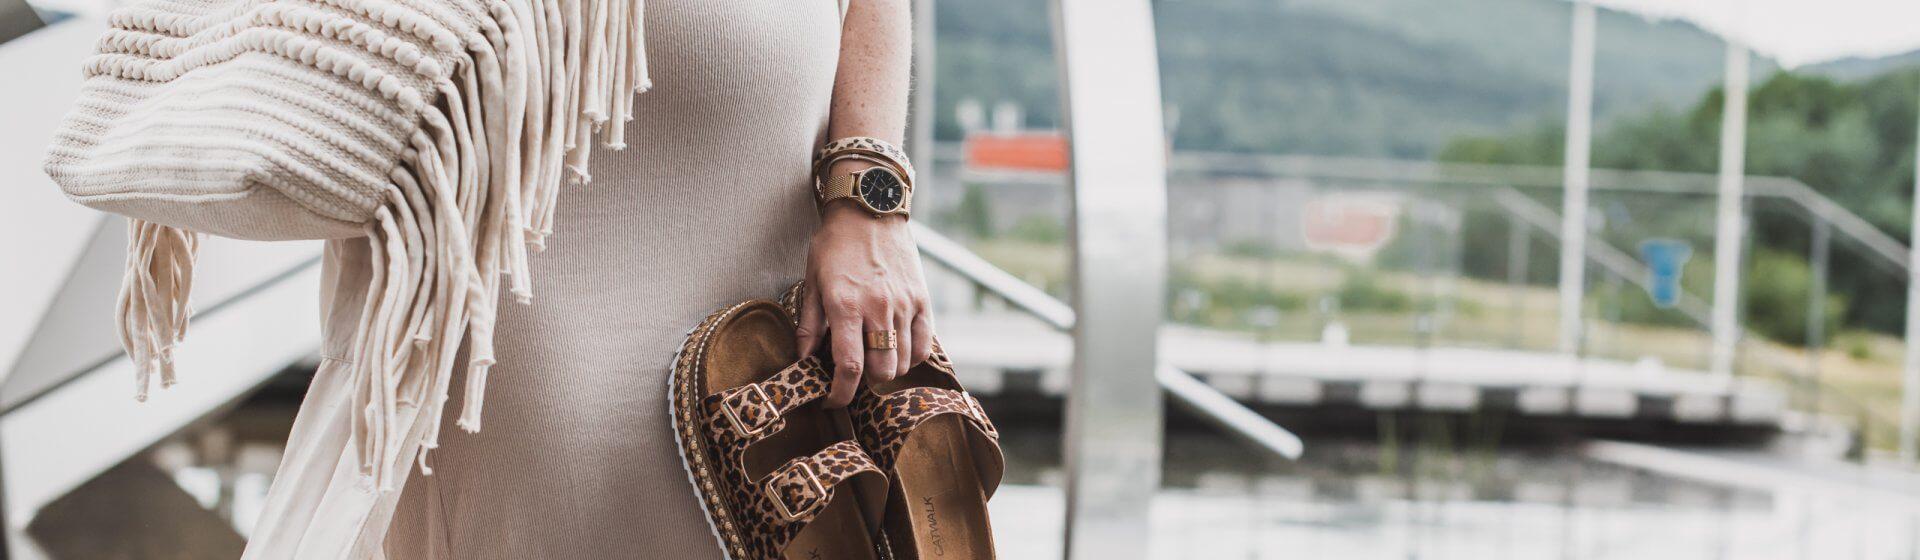 Bequeme Sommerschuh für die Schwangerschaft Shoelove Deichmann